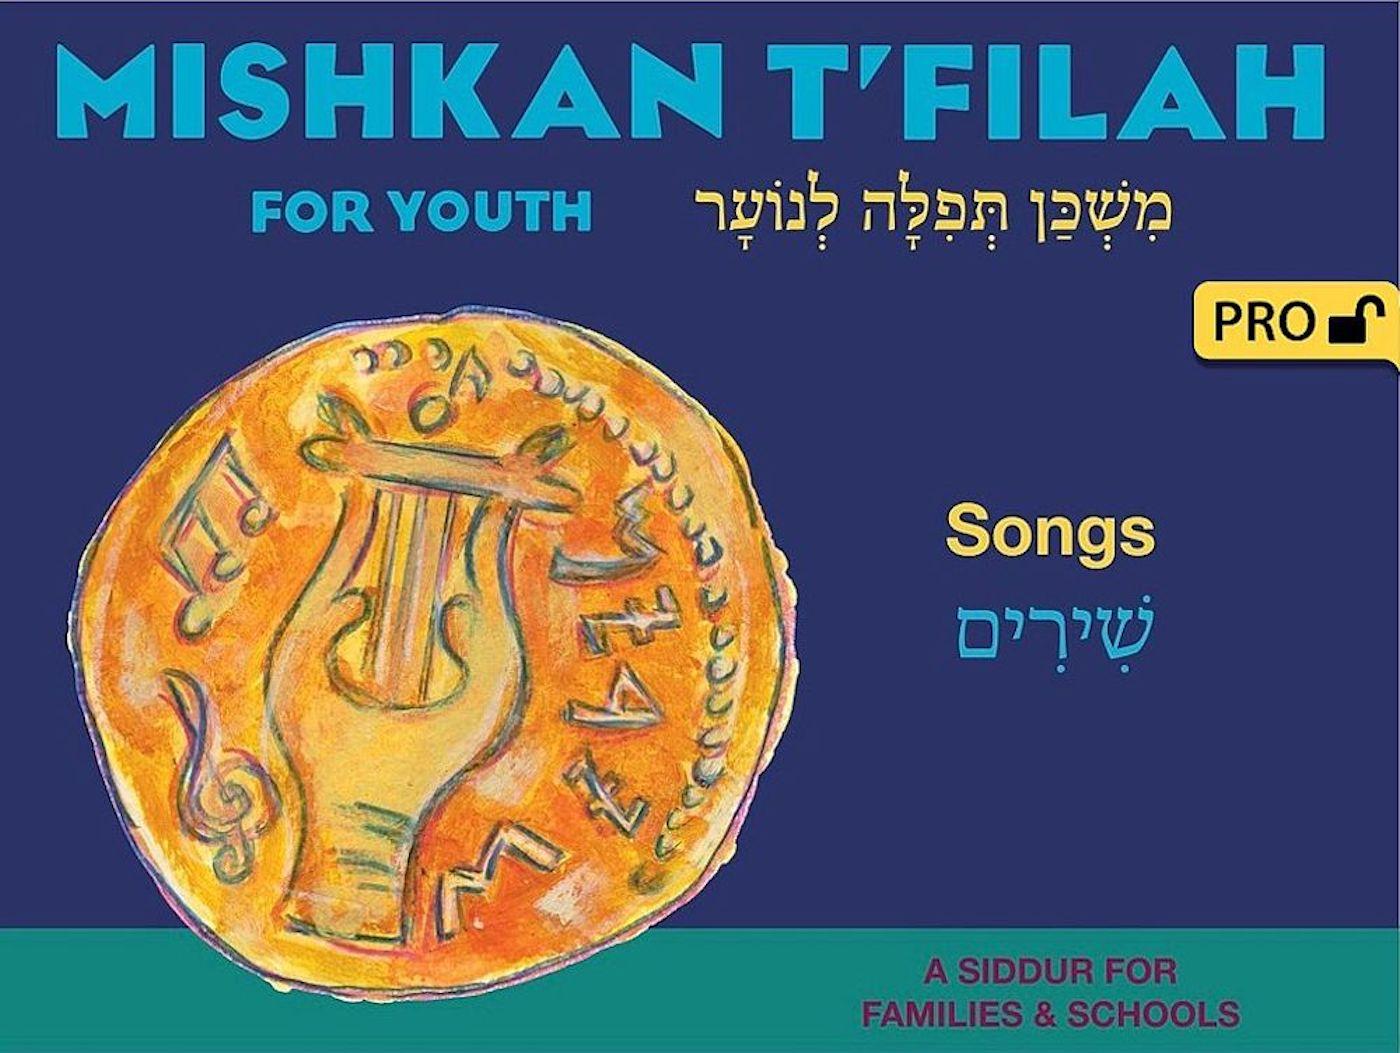 Mishkan T'filah for Youth Visual T'filah (Songs Pro)